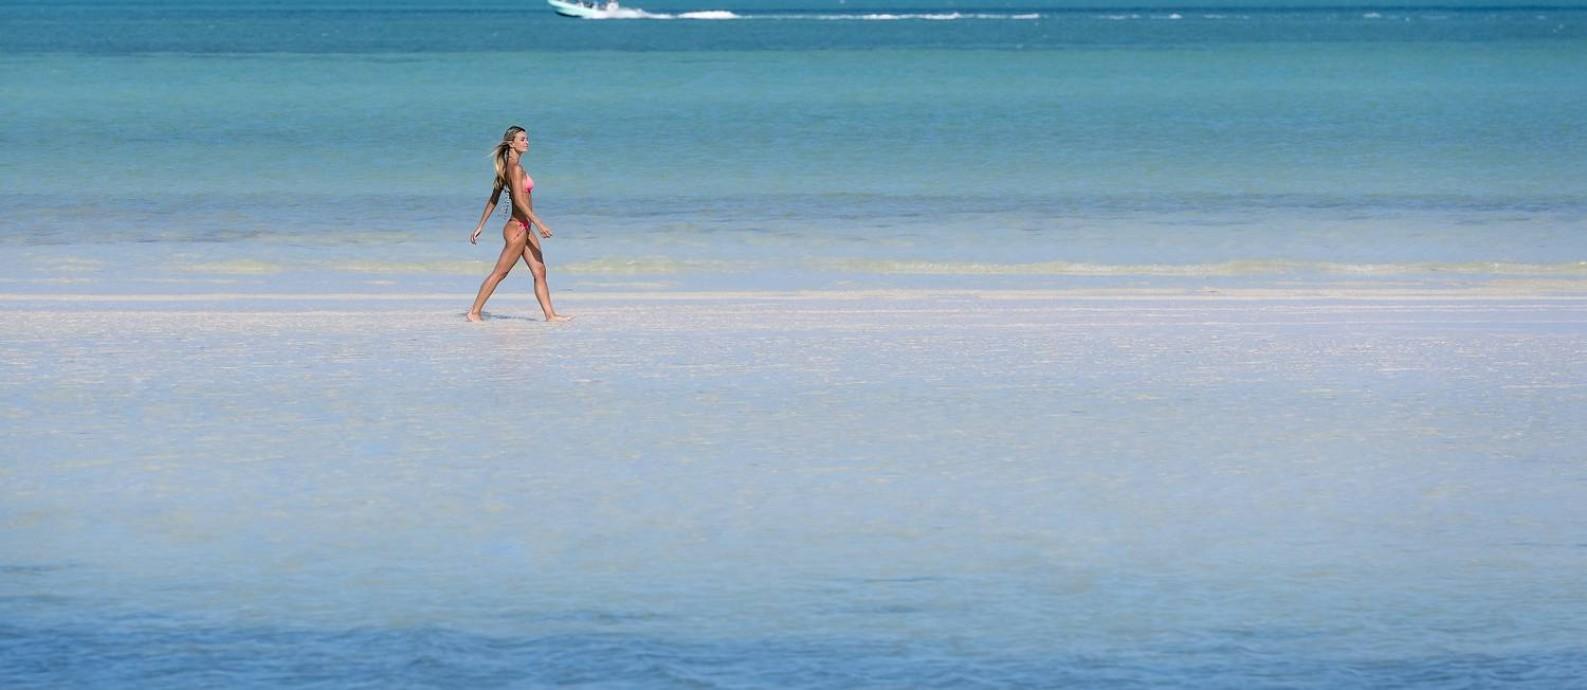 Banhista caminha numa praia da Costa Mujeres, região vizinha a Cancún, no Caribe mexicano Foto: Divulgação